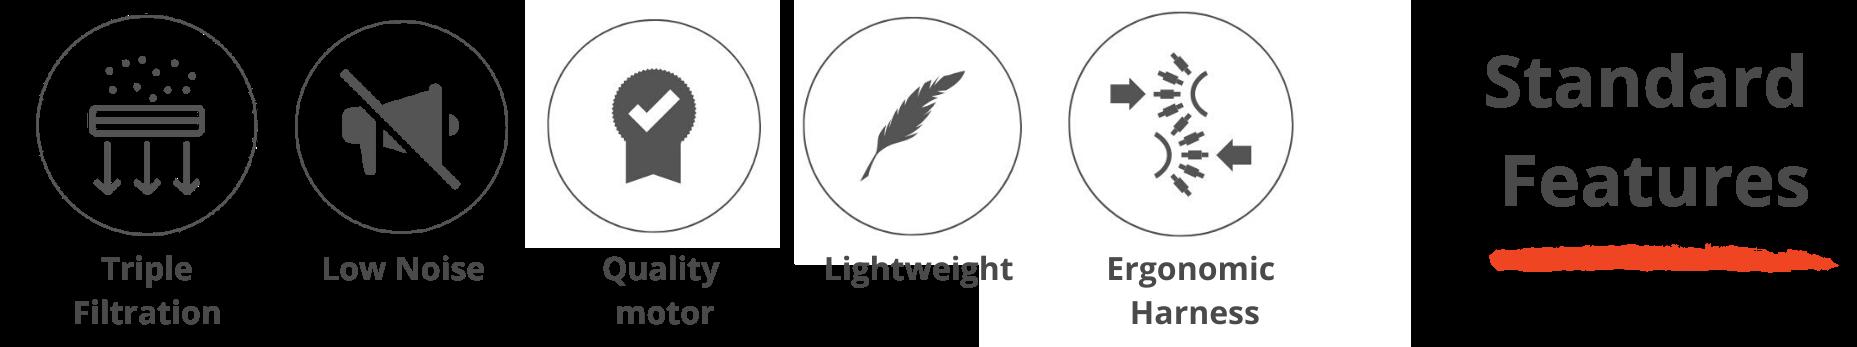 logos banner03-1